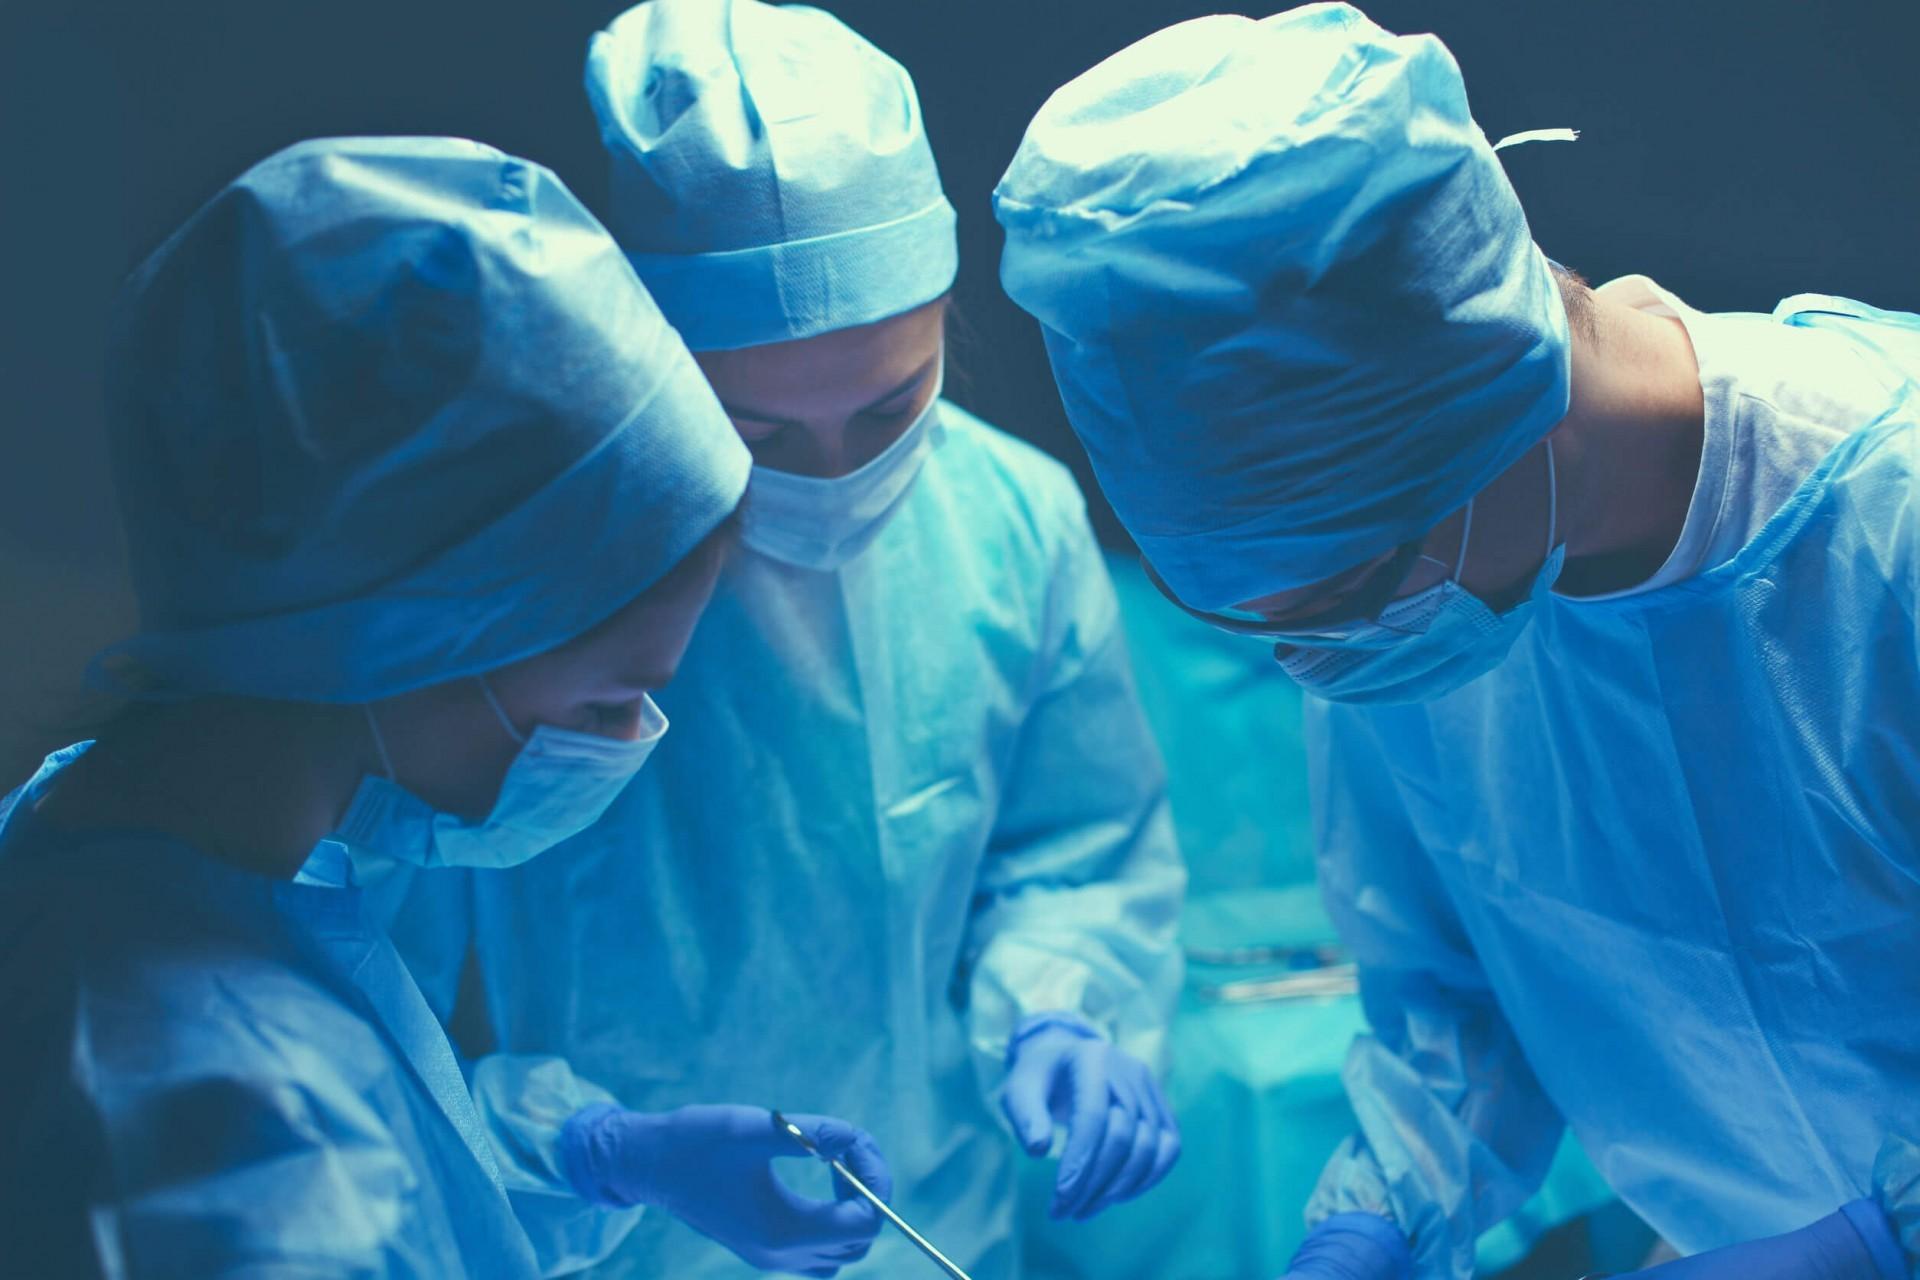 ביטוח אחריות מקצועית לרופאים